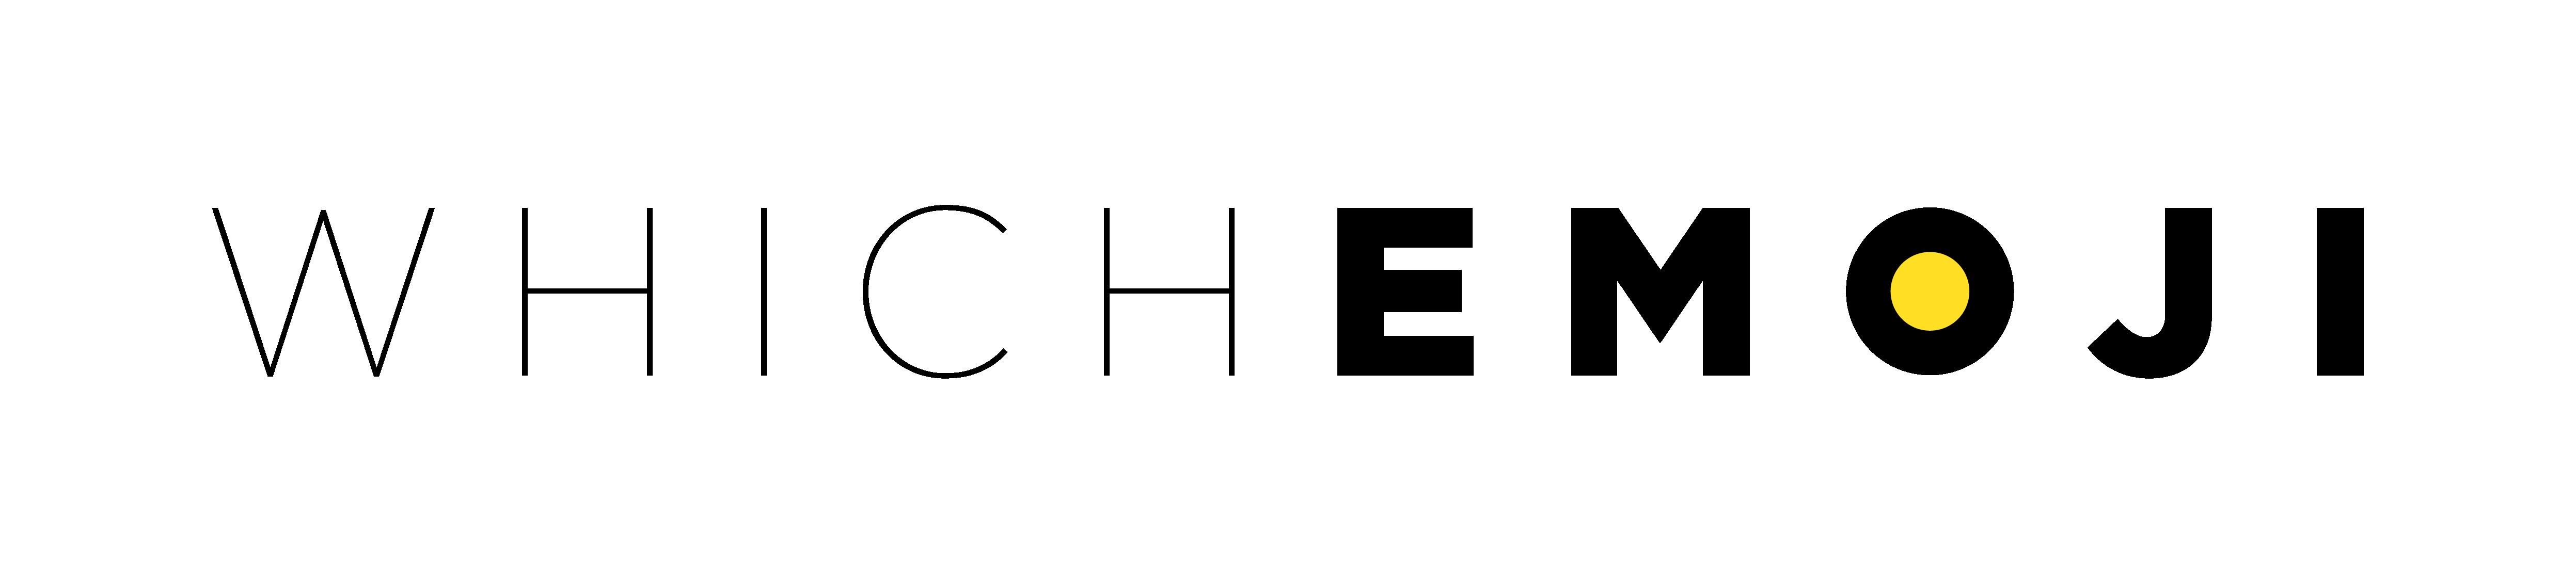 Which Emoji